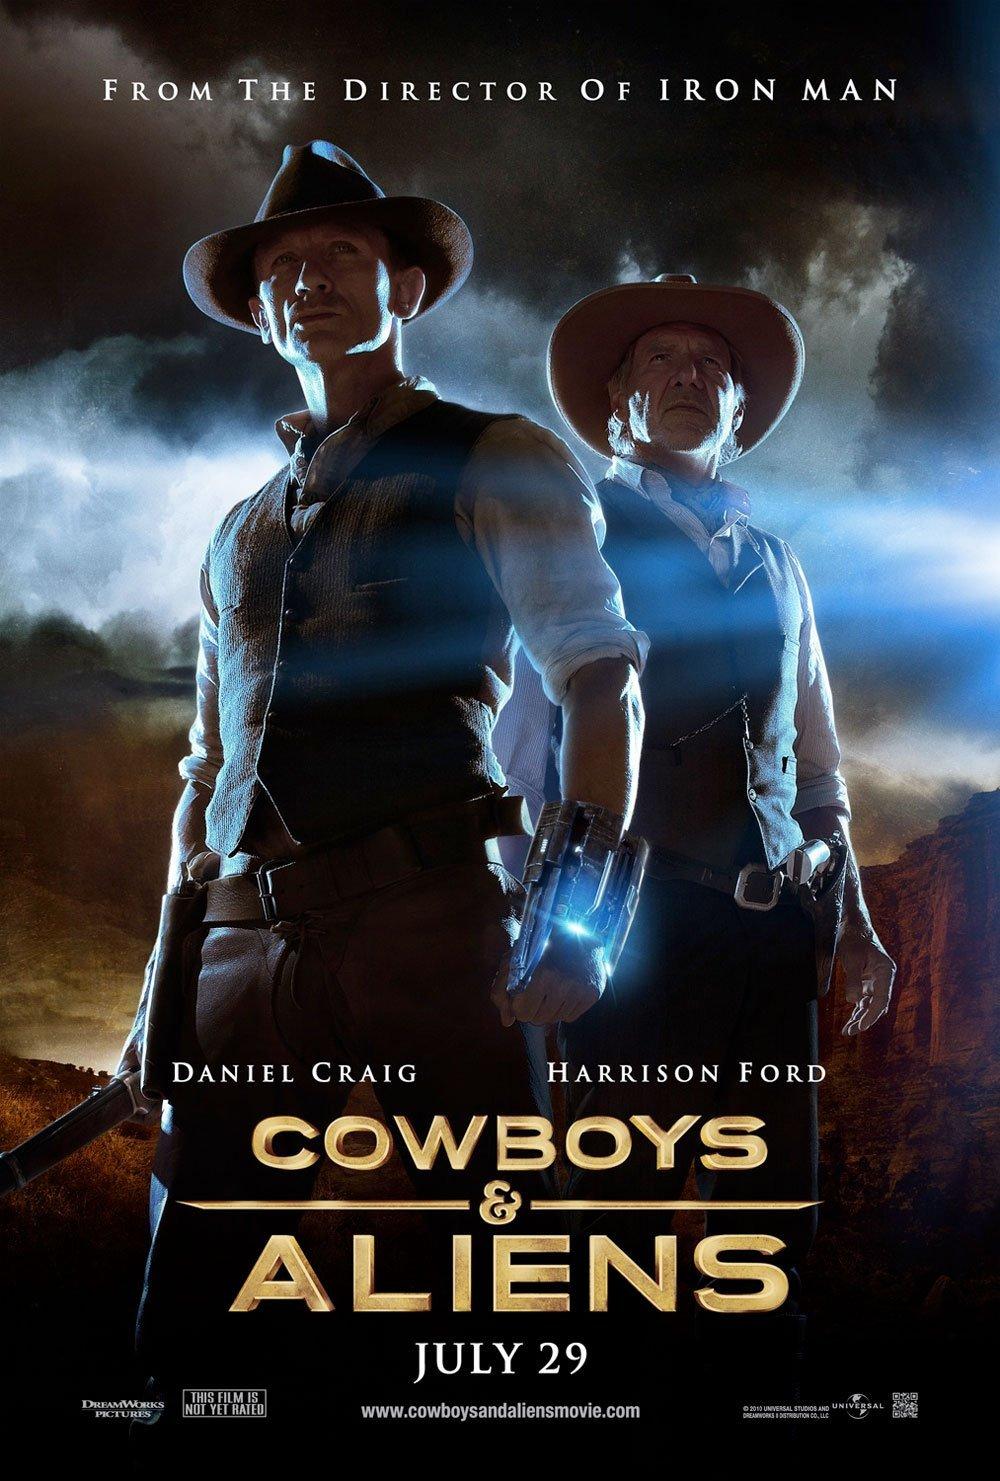 Cowboys & Aliens poster & featurette